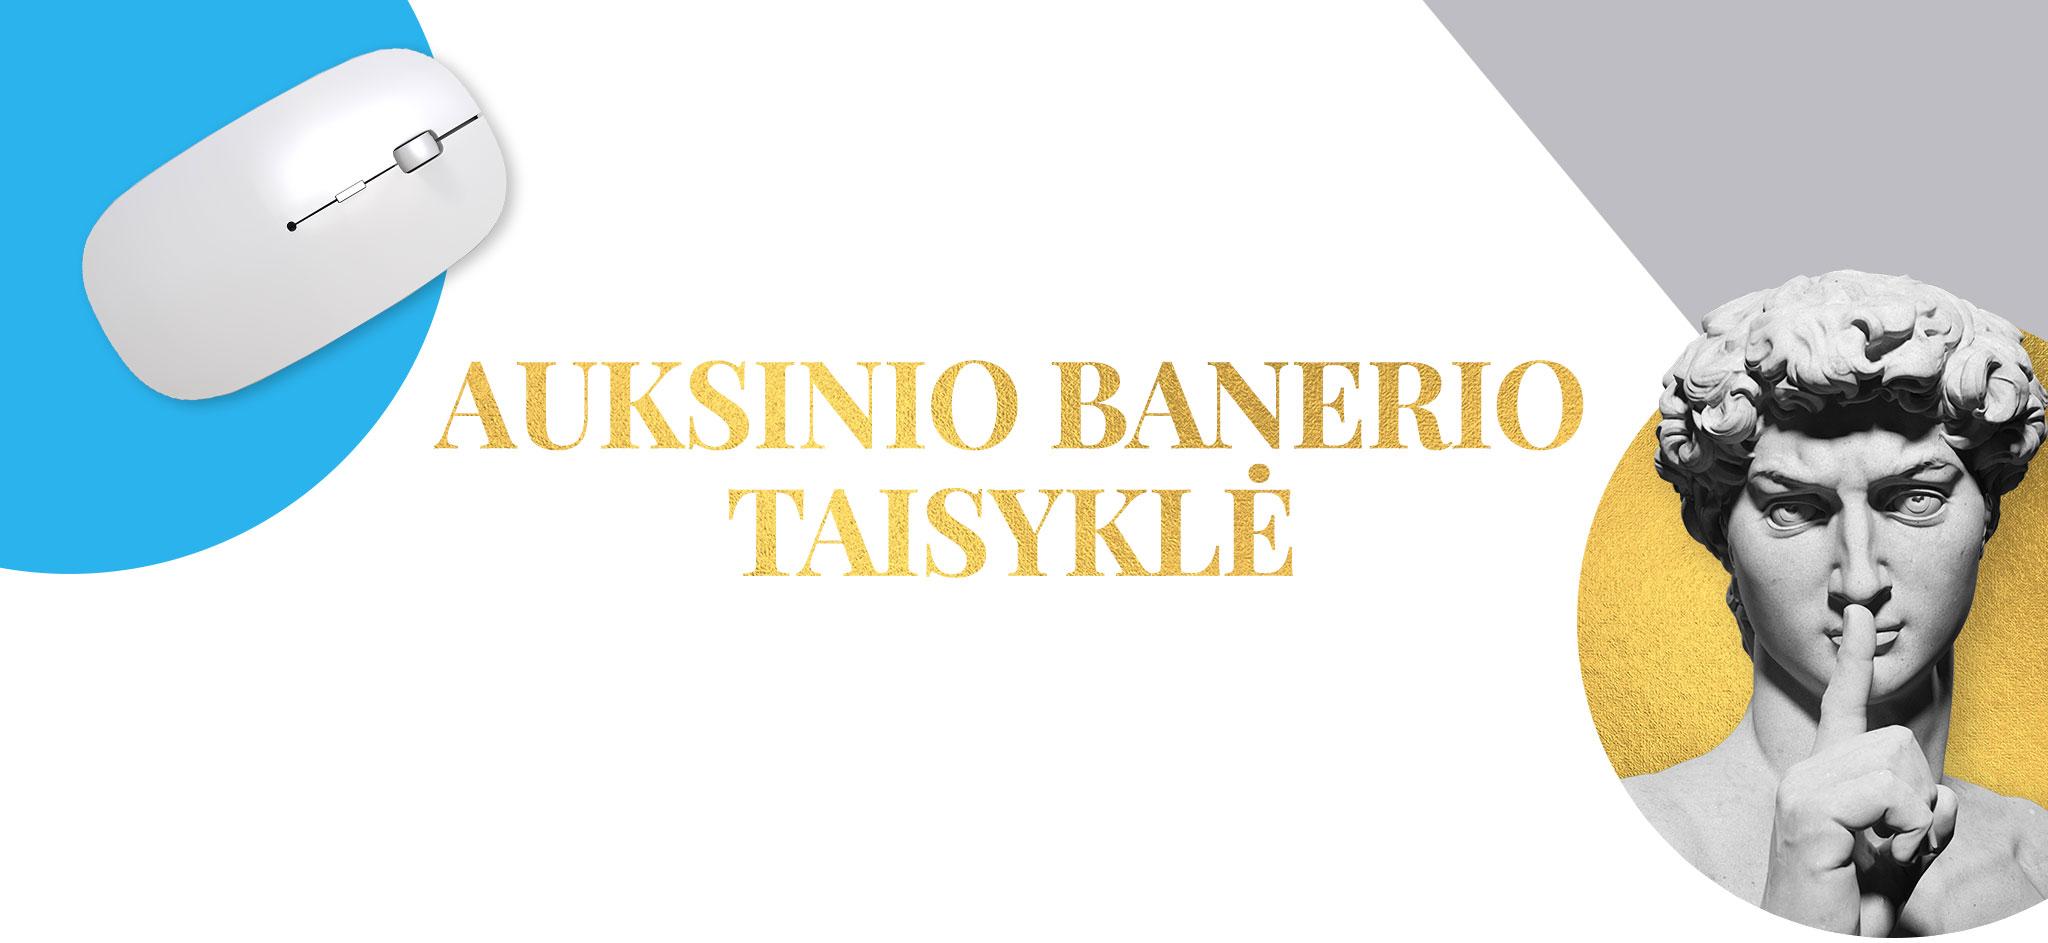 Auksinio Banerio Taisyke Baneris